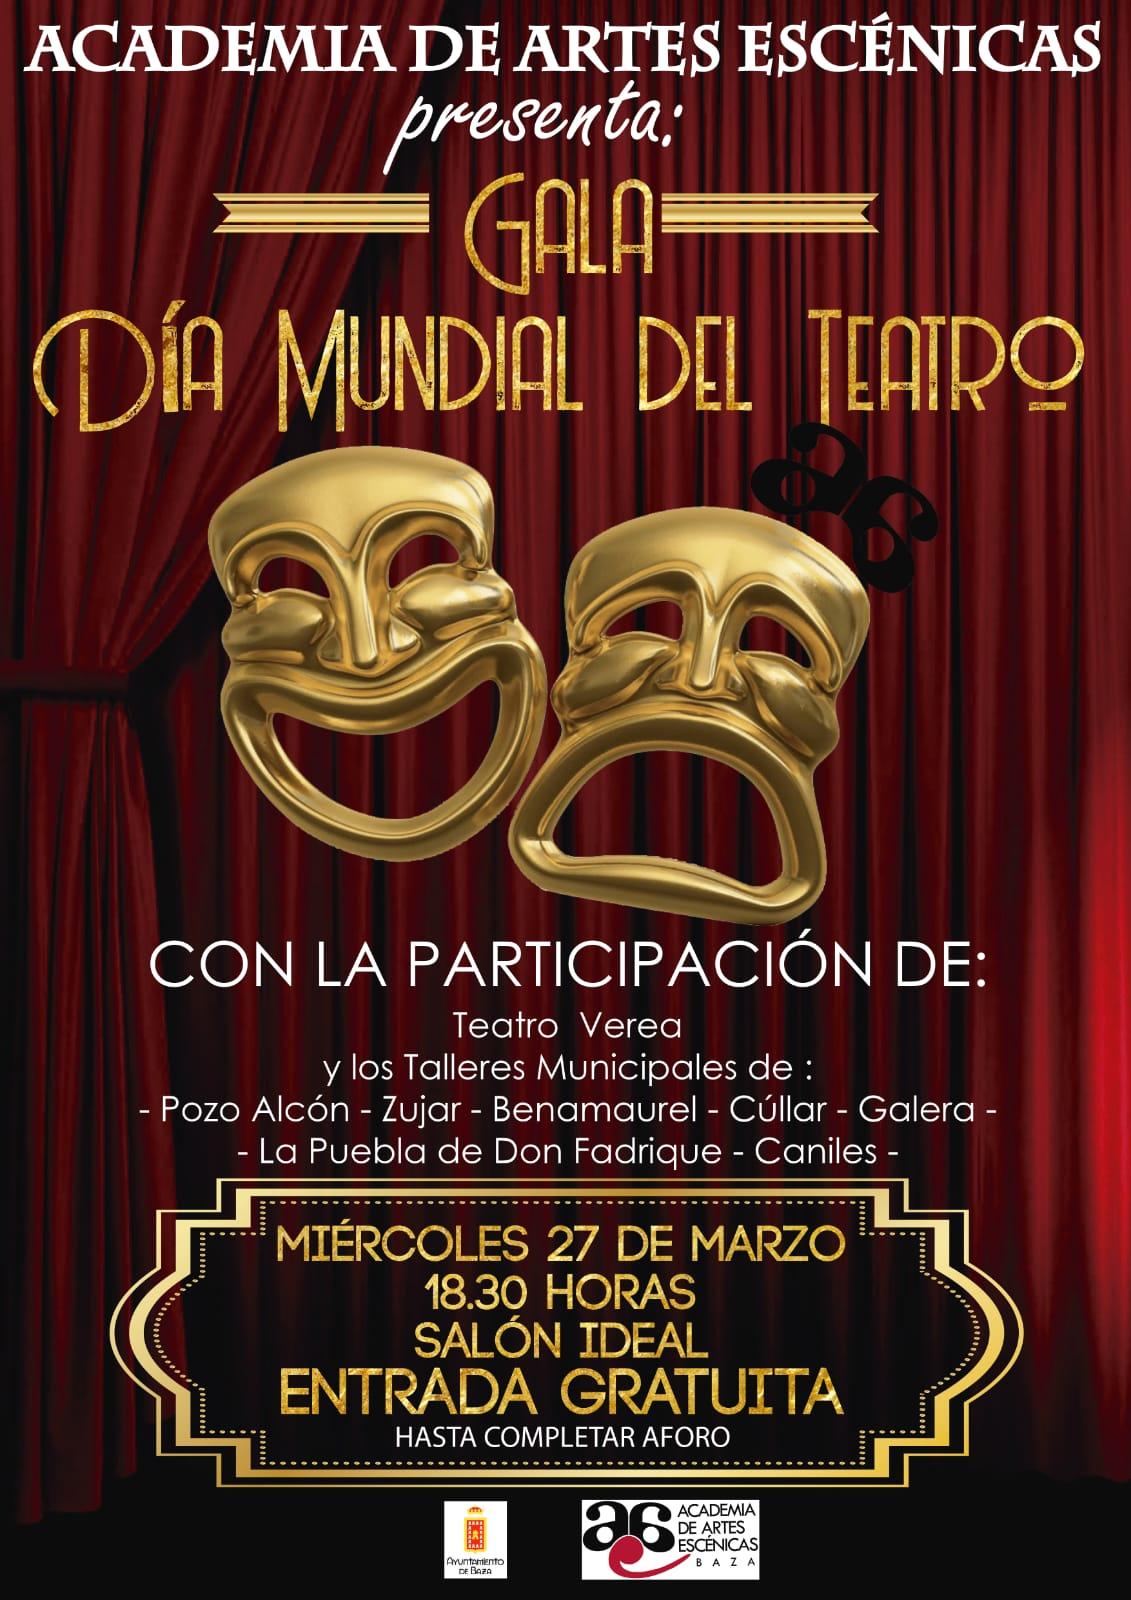 Gala Día Internalcional del Teatro en Baza